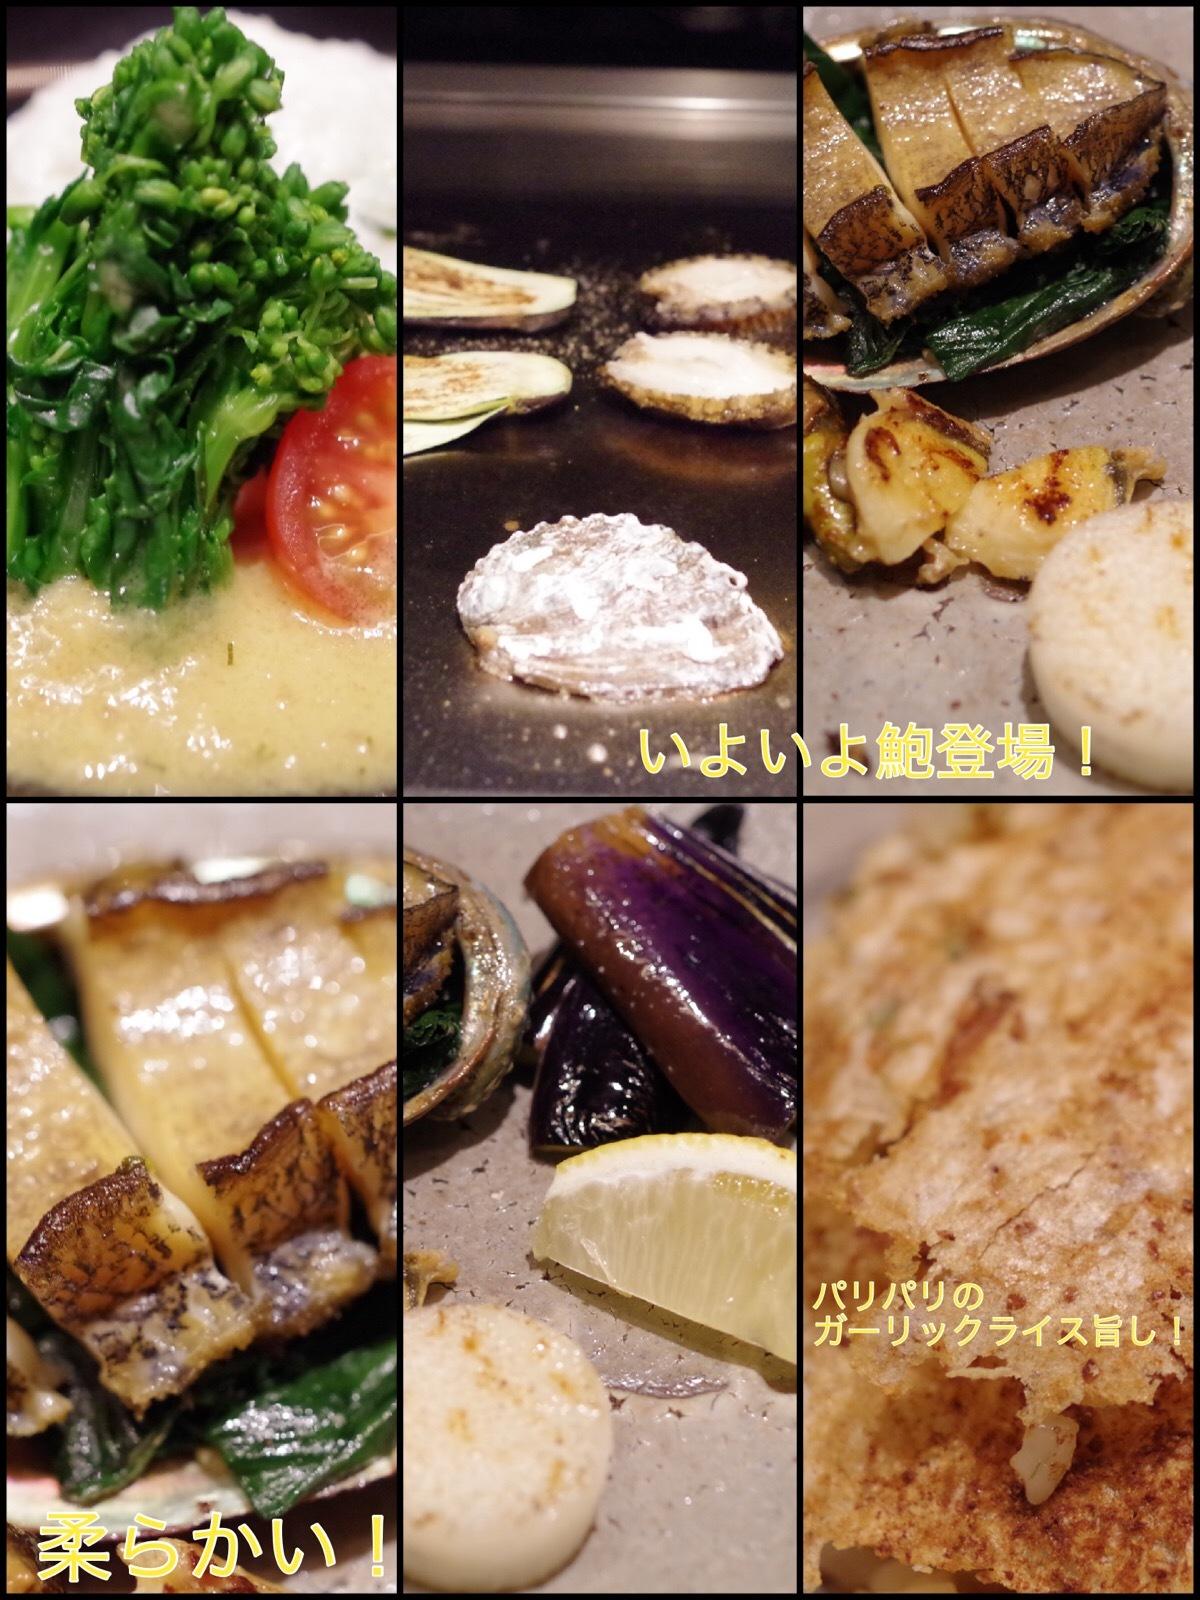 箱根ドライブ旅行 東急ハーヴェスト箱根翡翠 日本料理「一游(いちゆう)」